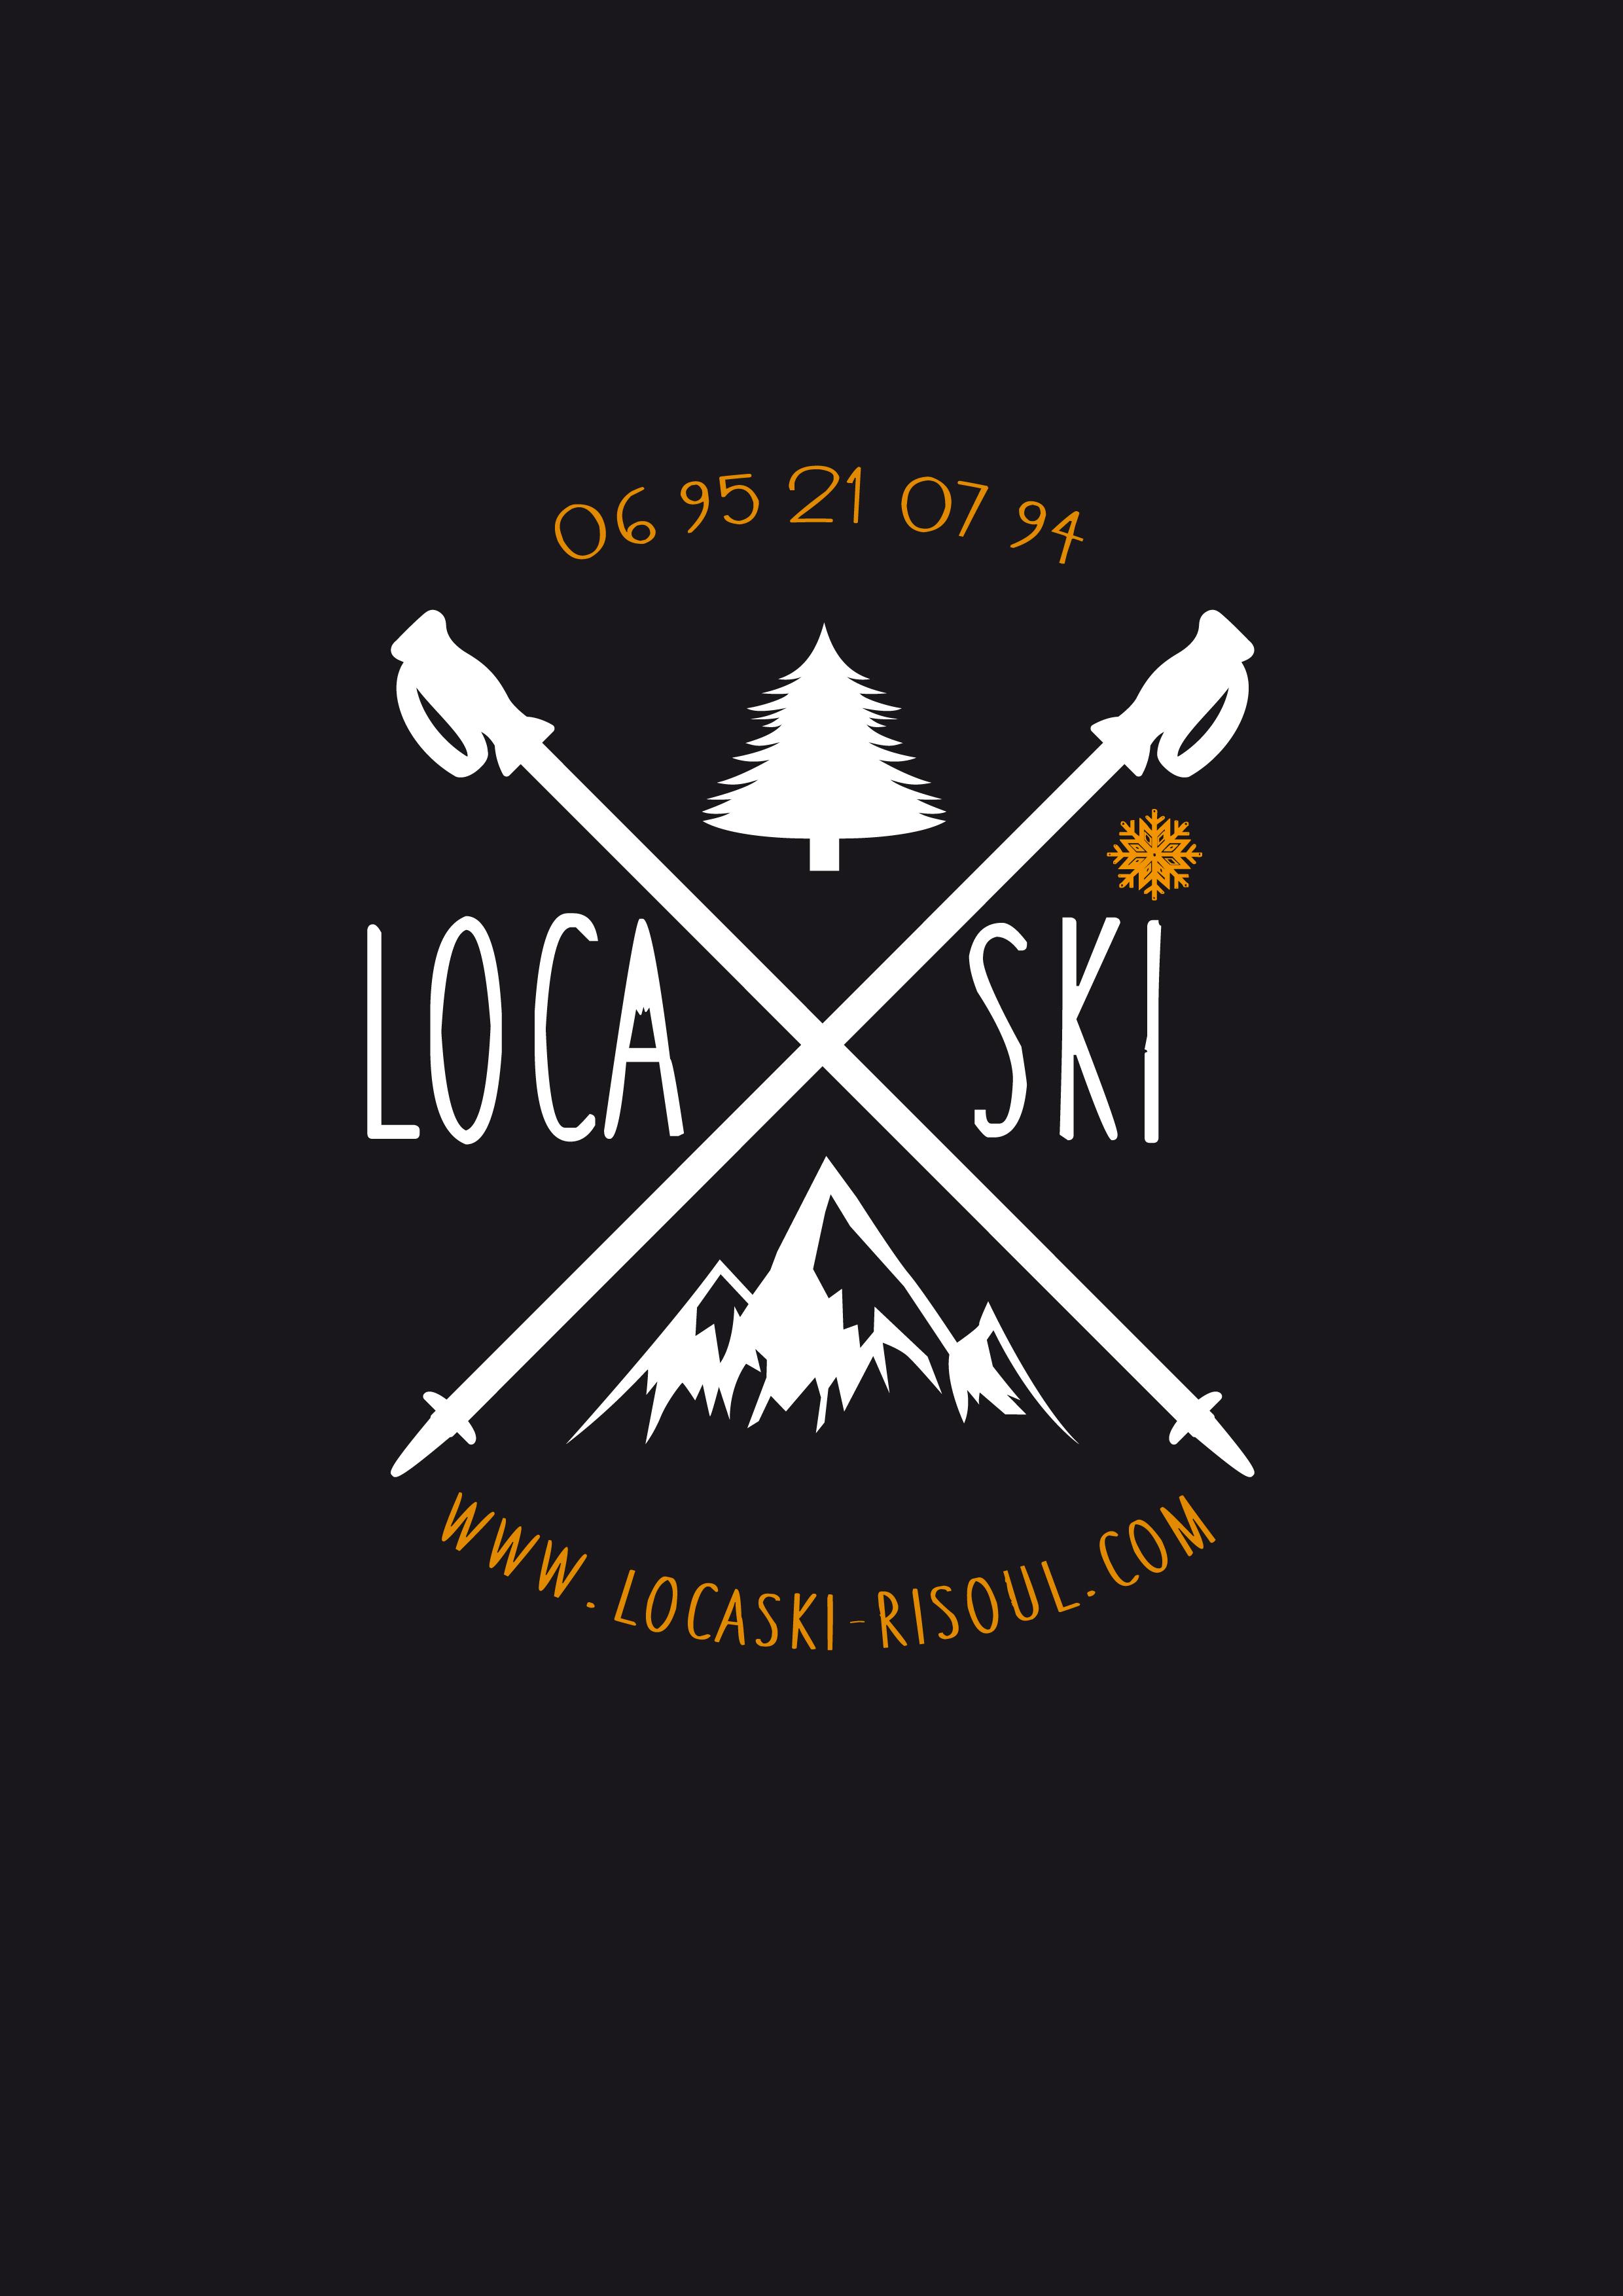 Loca'ski